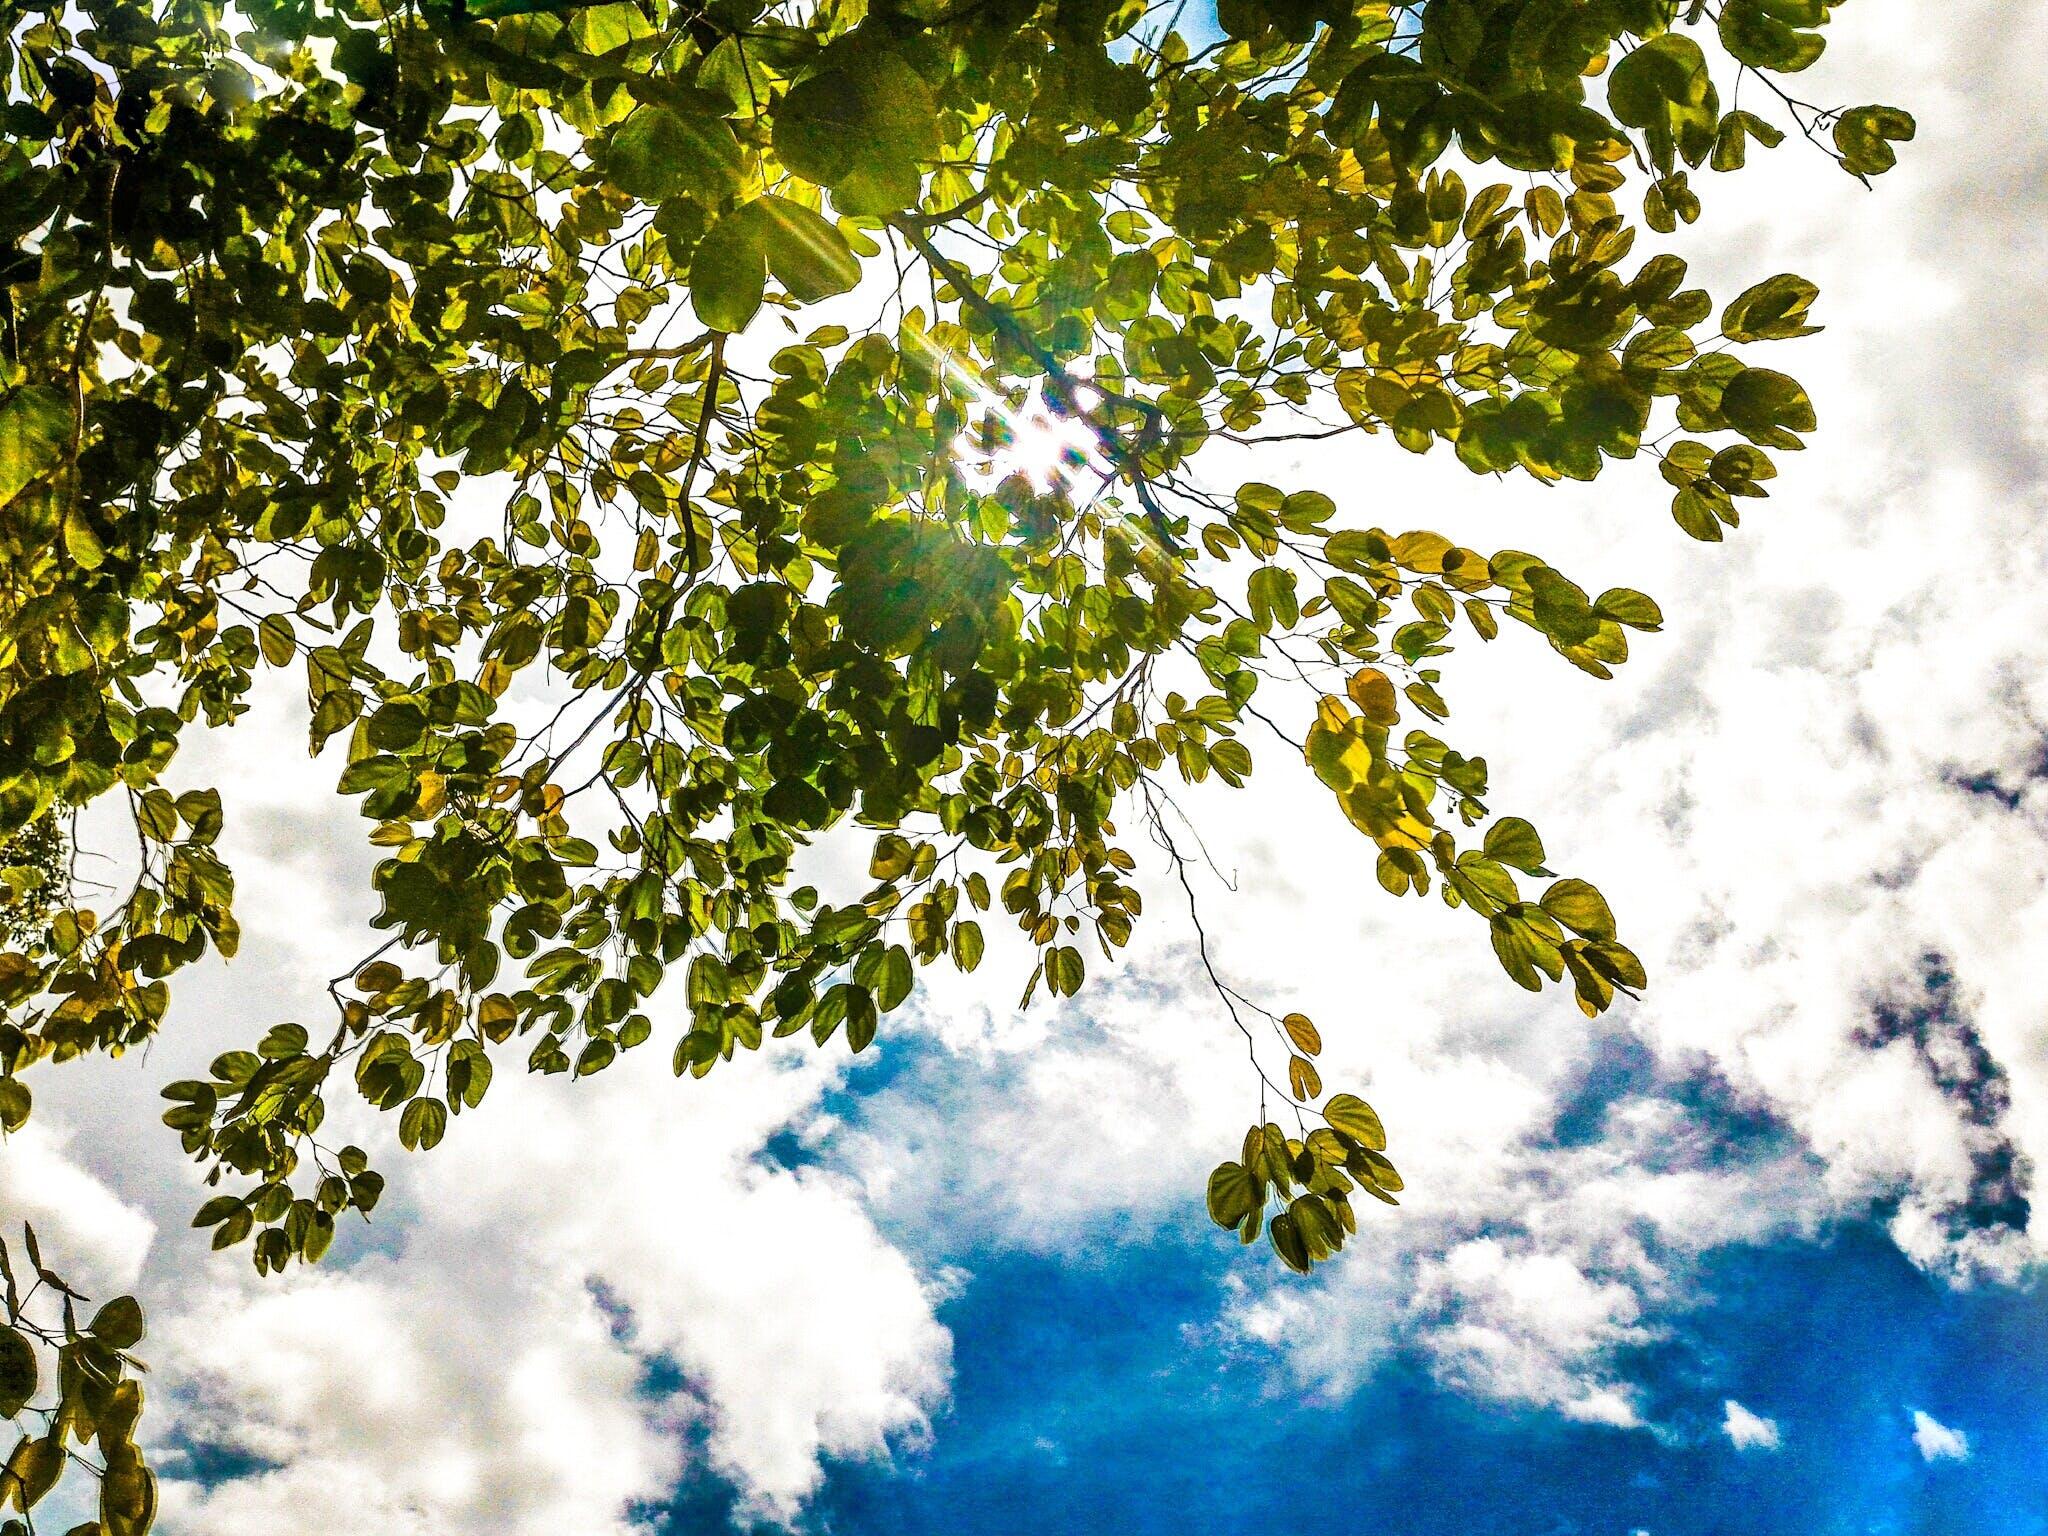 alegre, árvore, aumento